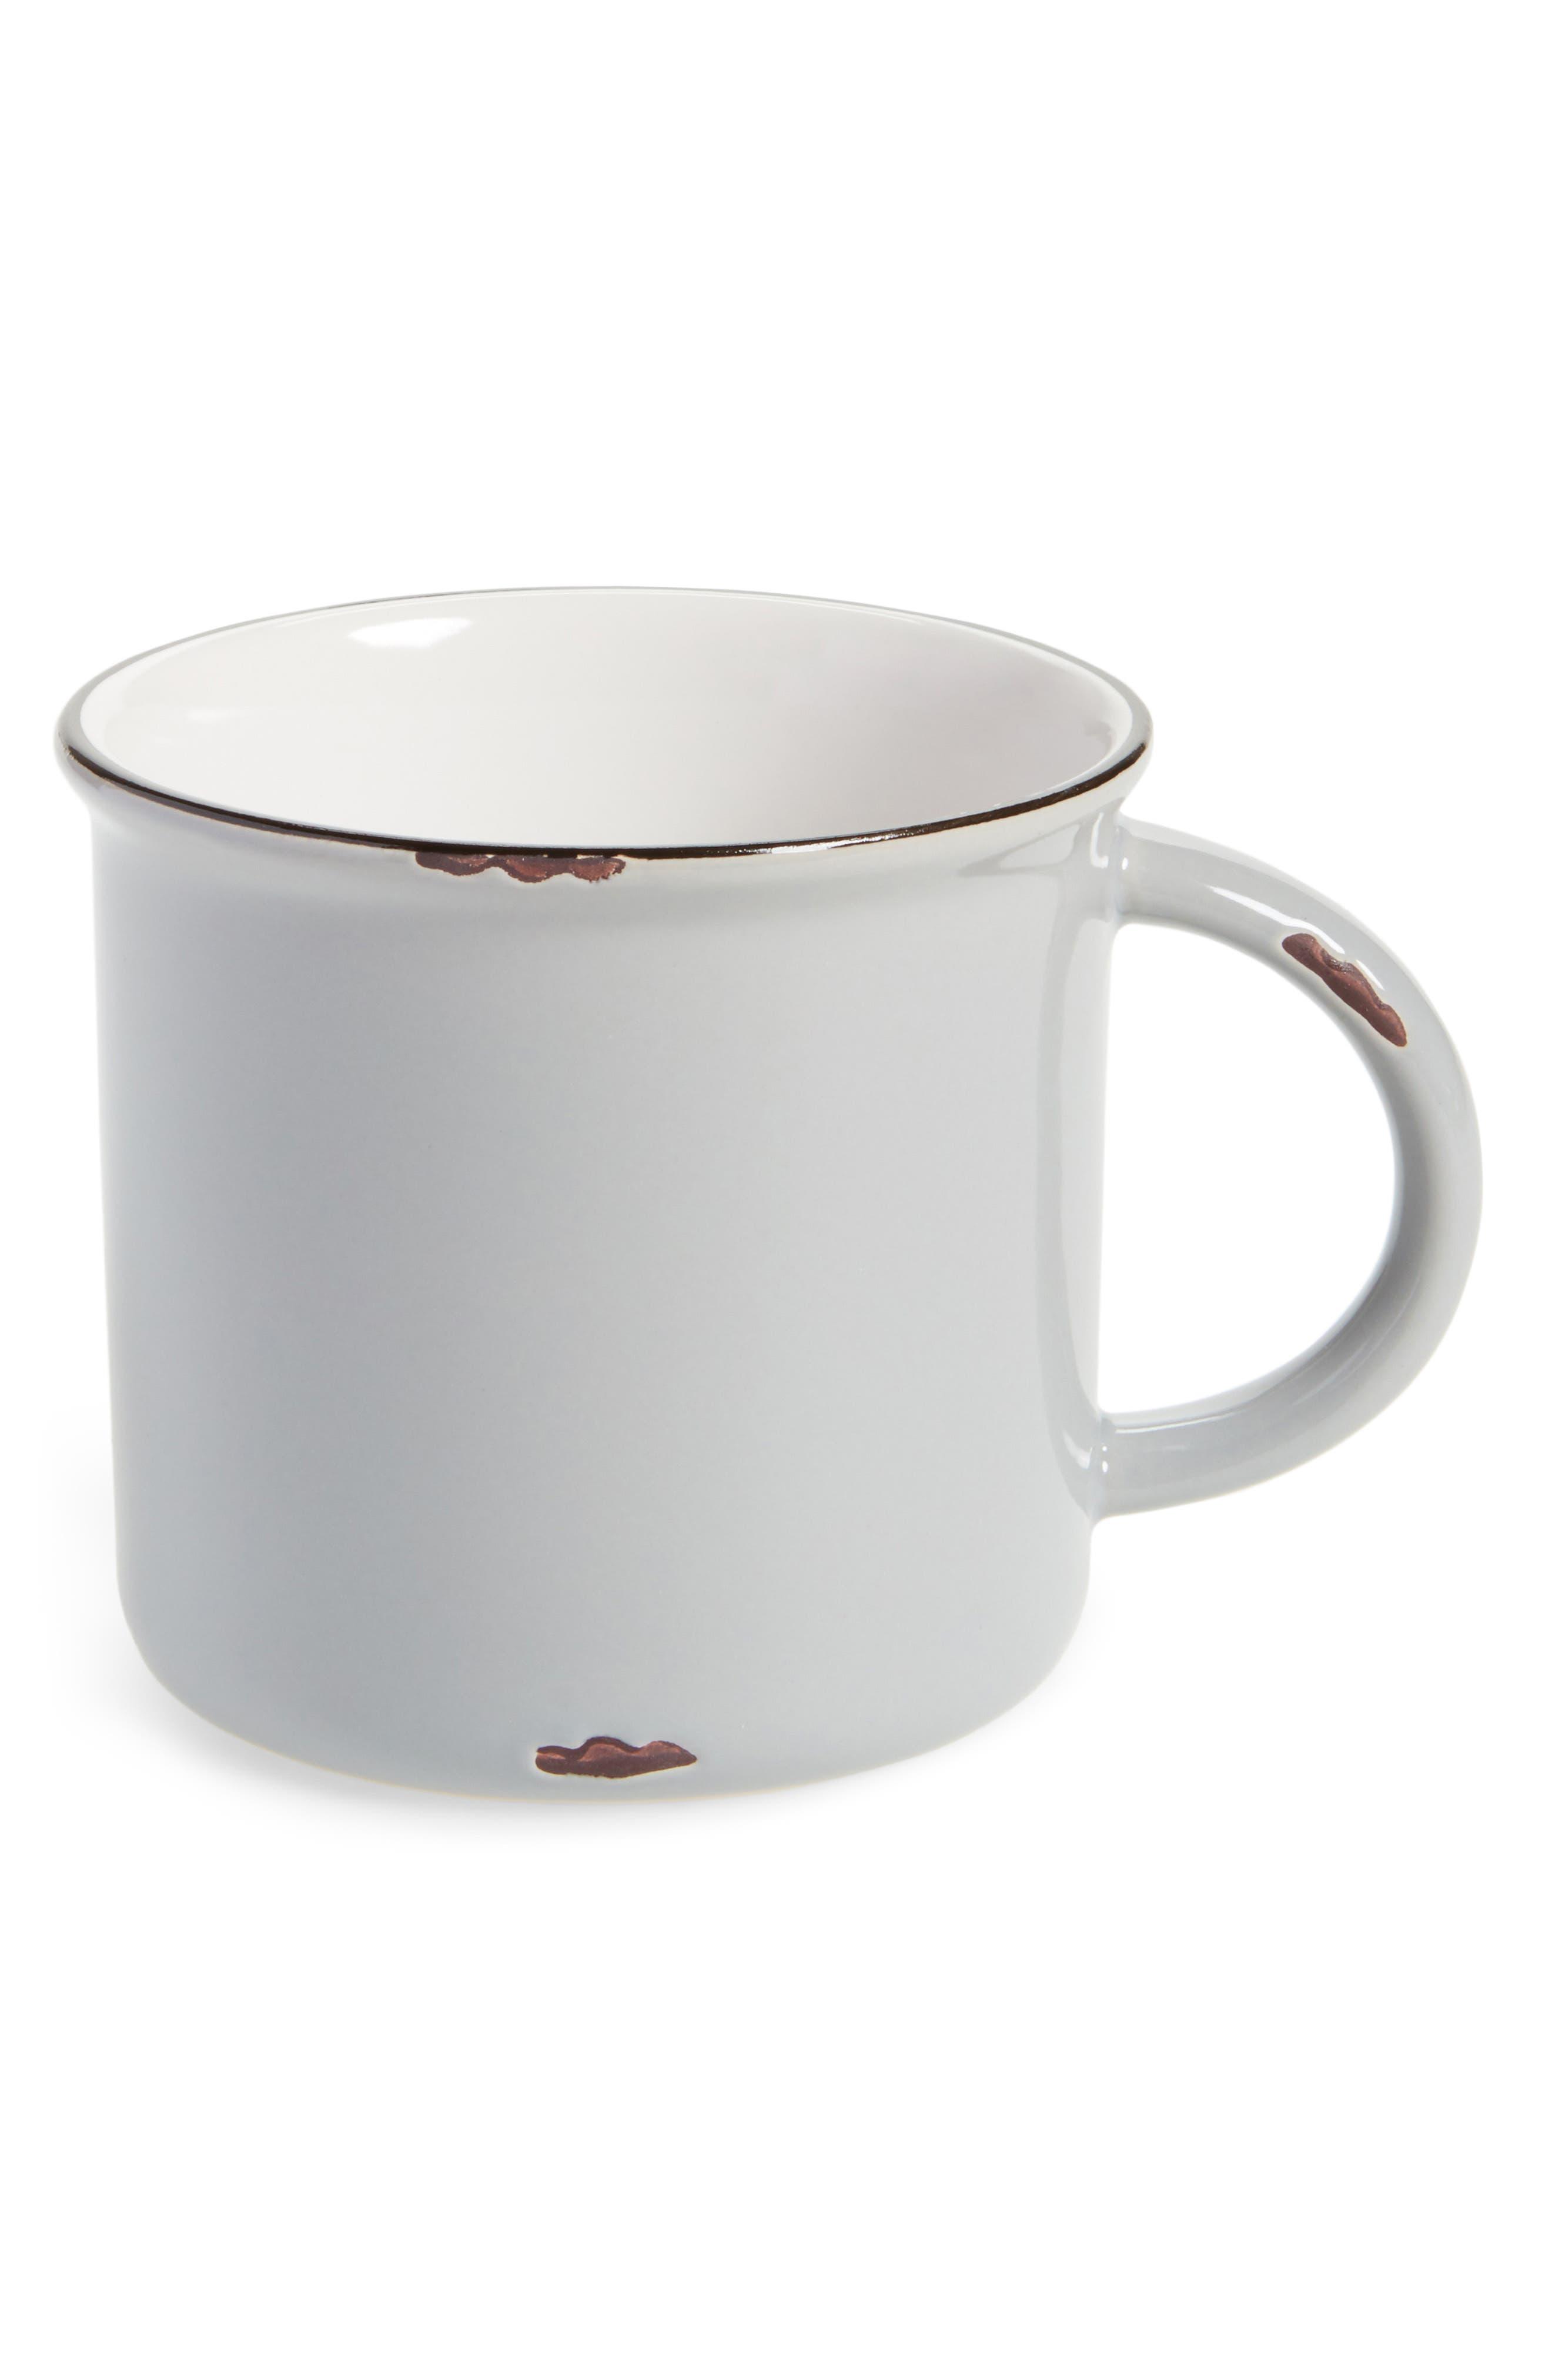 Stoneware Mug,                             Main thumbnail 1, color,                             020